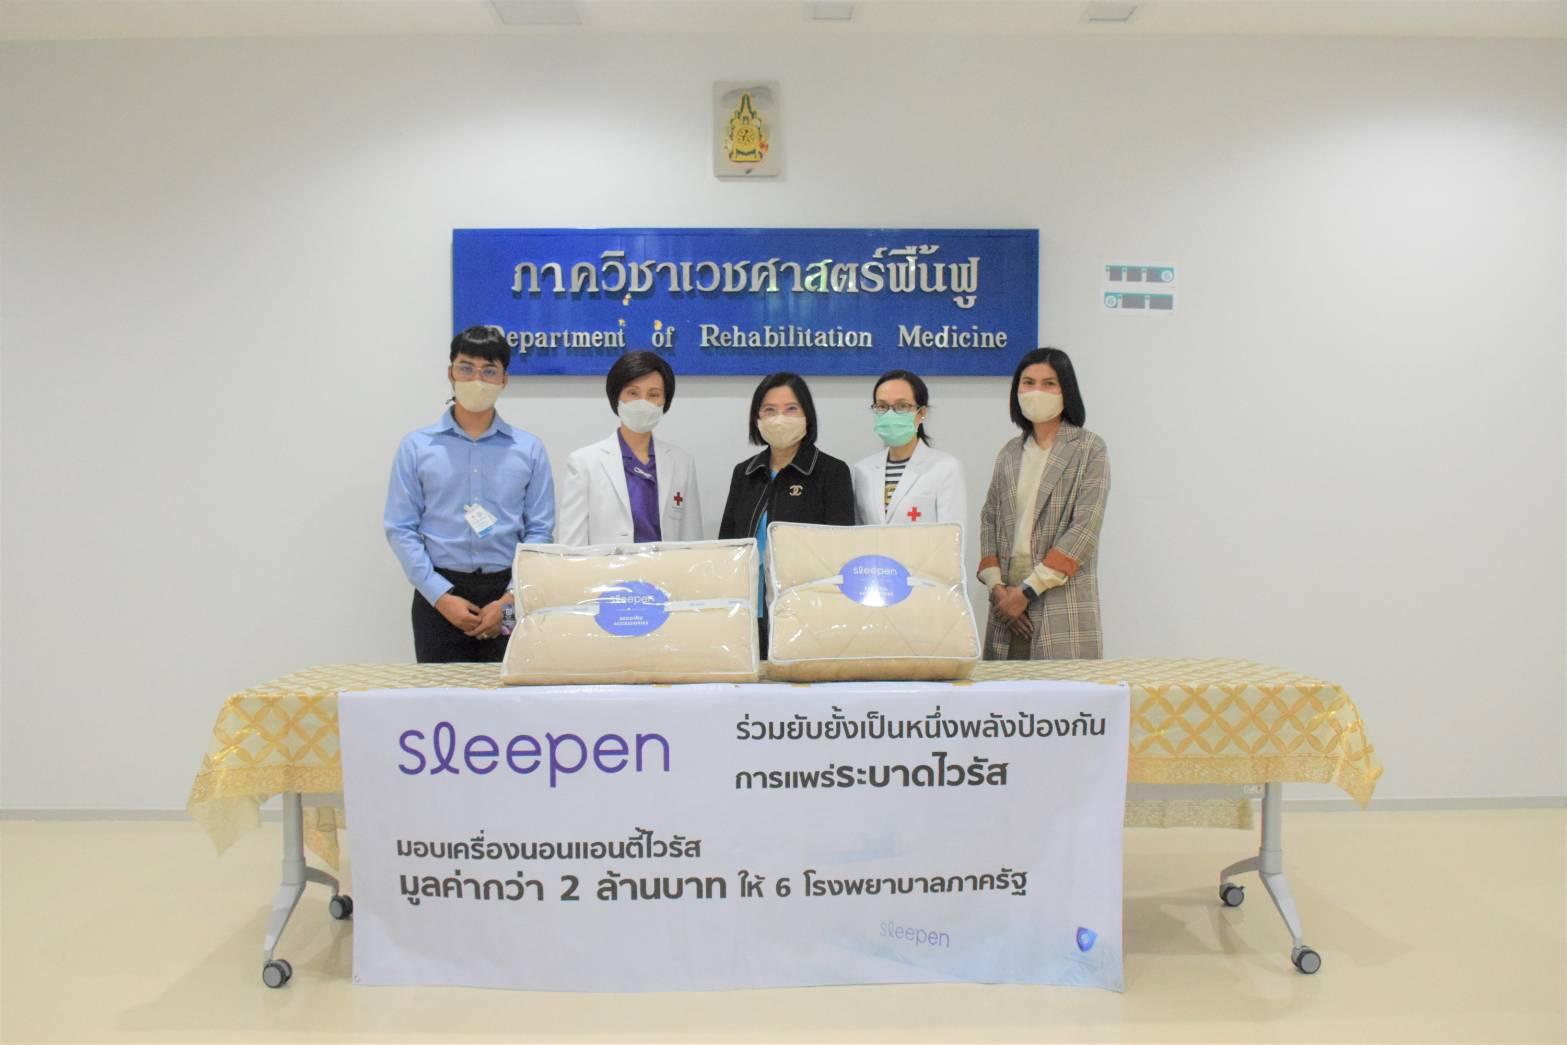 รับมอบที่นอนและปลอกหมอนจากบริษัท Darling Mattress Khon Kan Co.,Ltd.